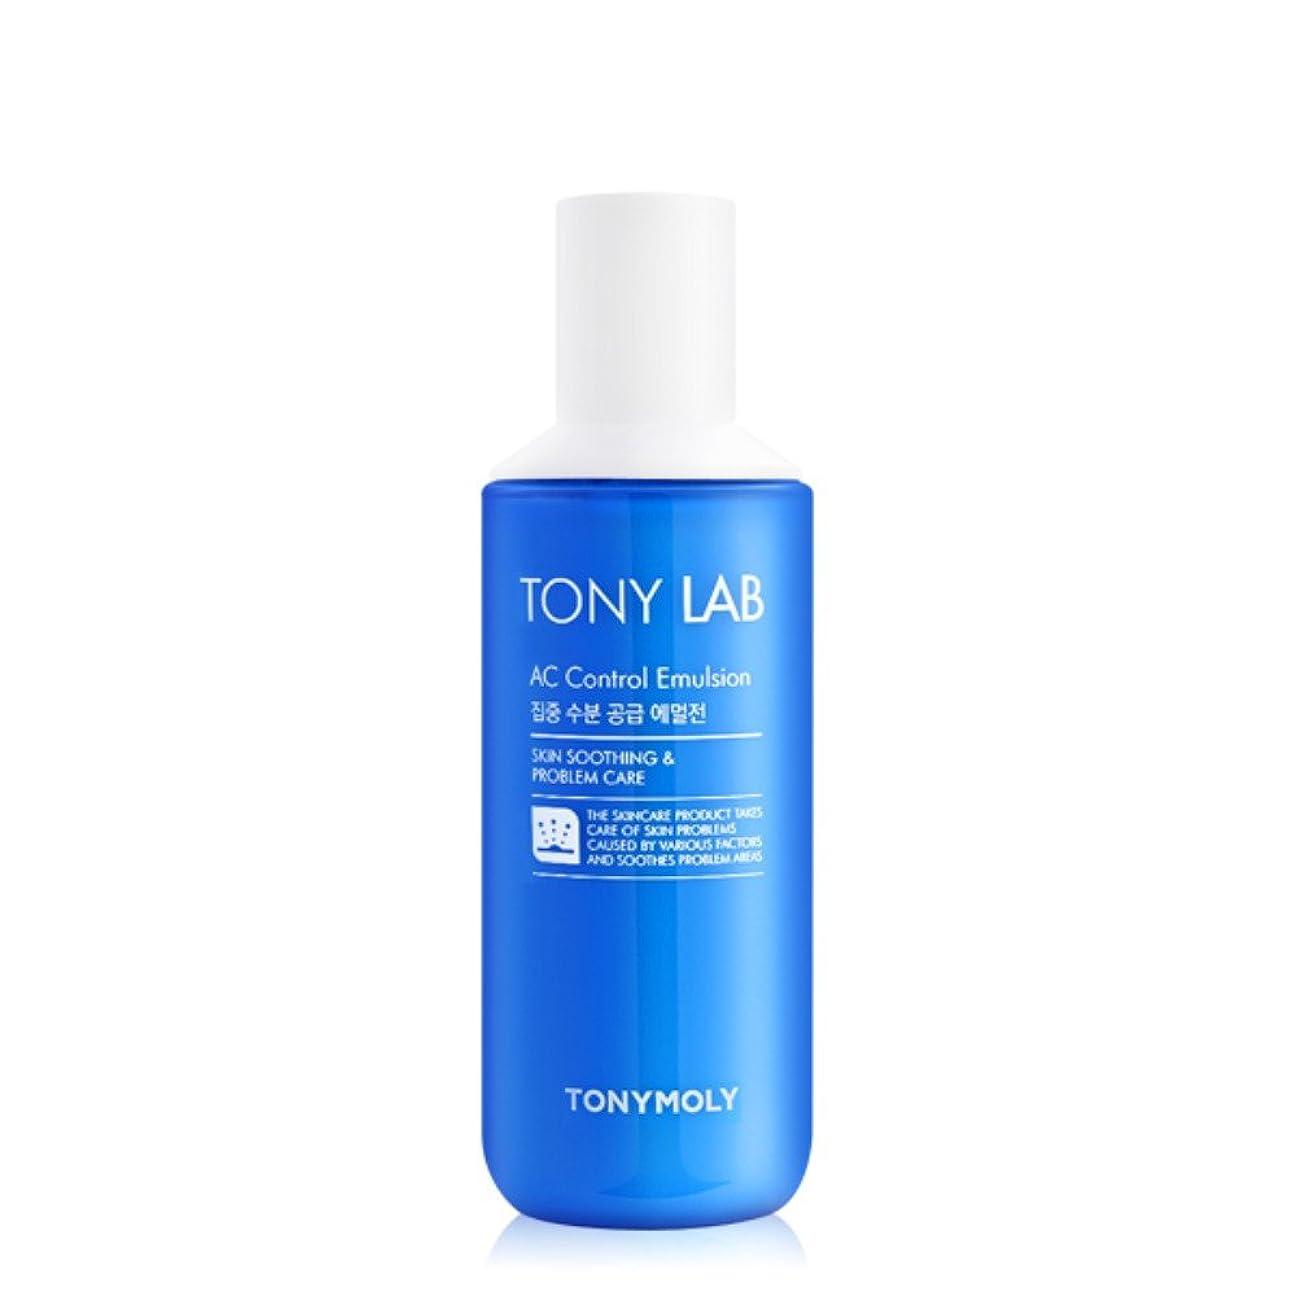 バイソン電化する天の[2016 New] TONYMOLY Tony Lab AC Control Emulsion 160ml/トニーモリー トニー ラボ AC コントロール エマルジョン 160ml